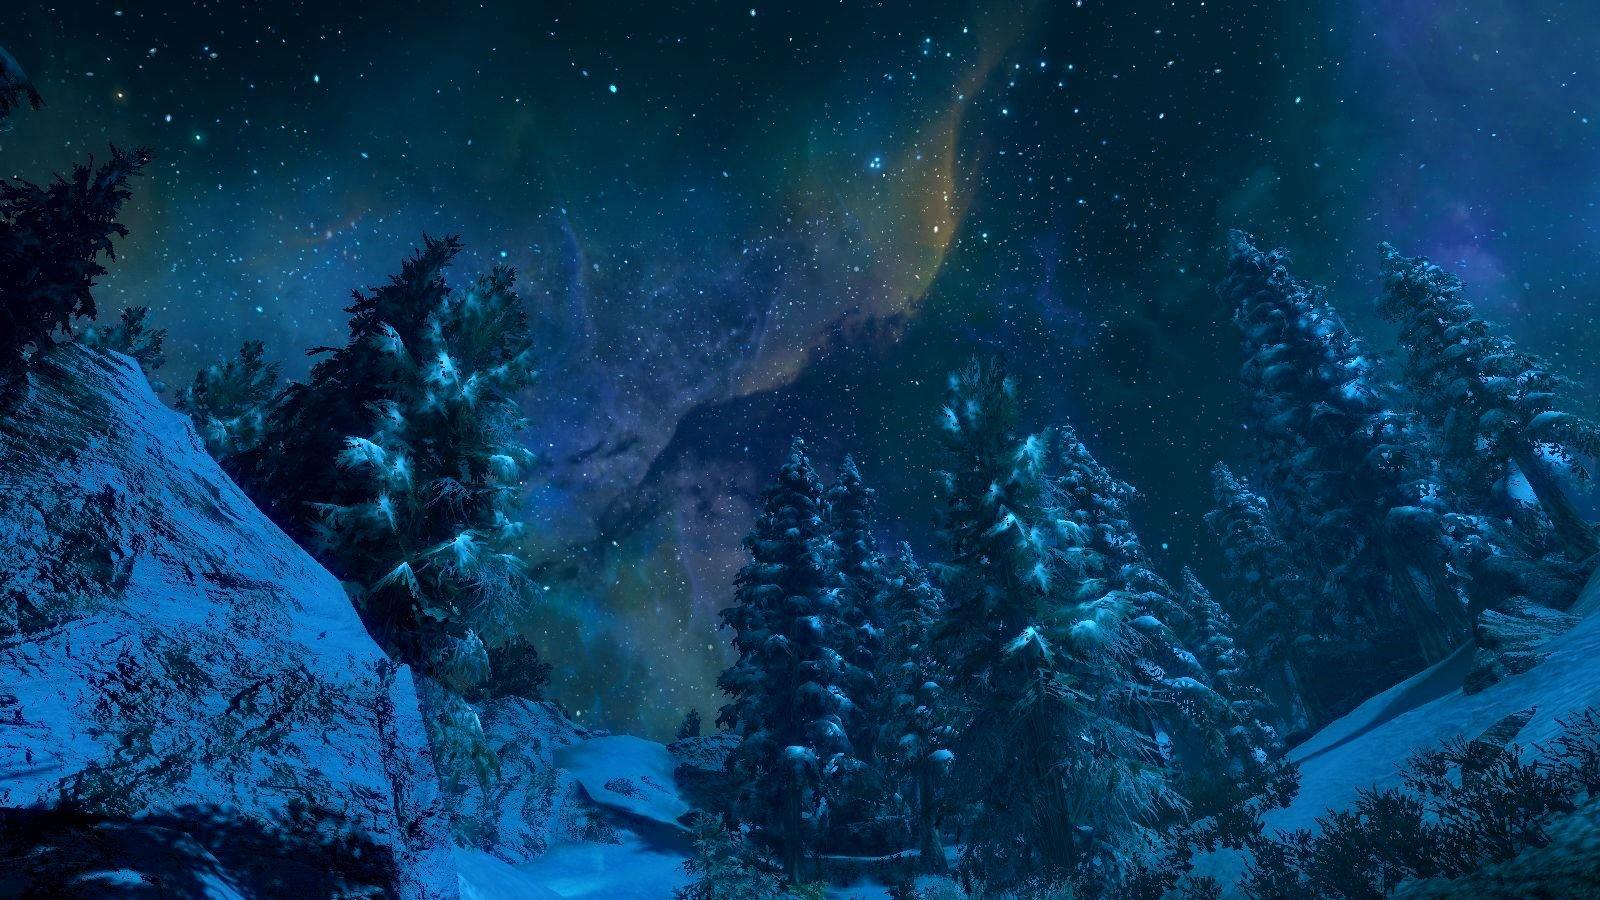 Ночной пейзаж.. SkyrimSE (сборка 6.0)